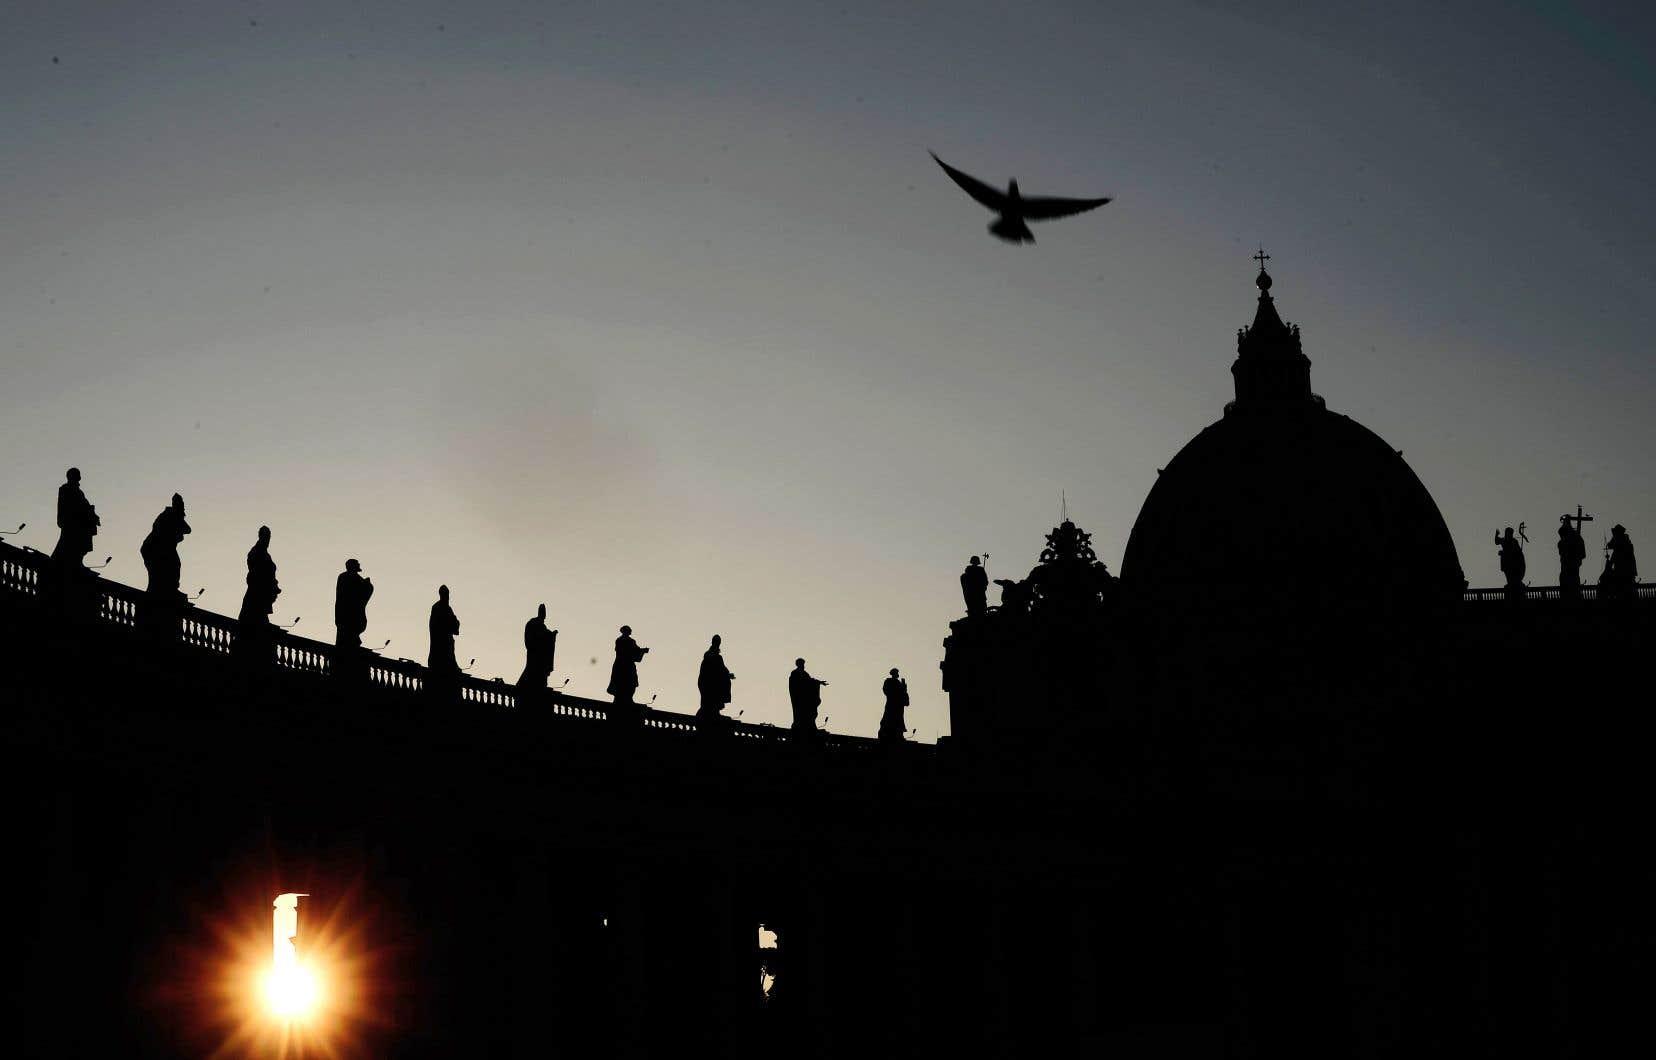 Des témoignages de survivants seront présentés au sommet du Vatican, mais aucune victime ne participera activement aux travaux.